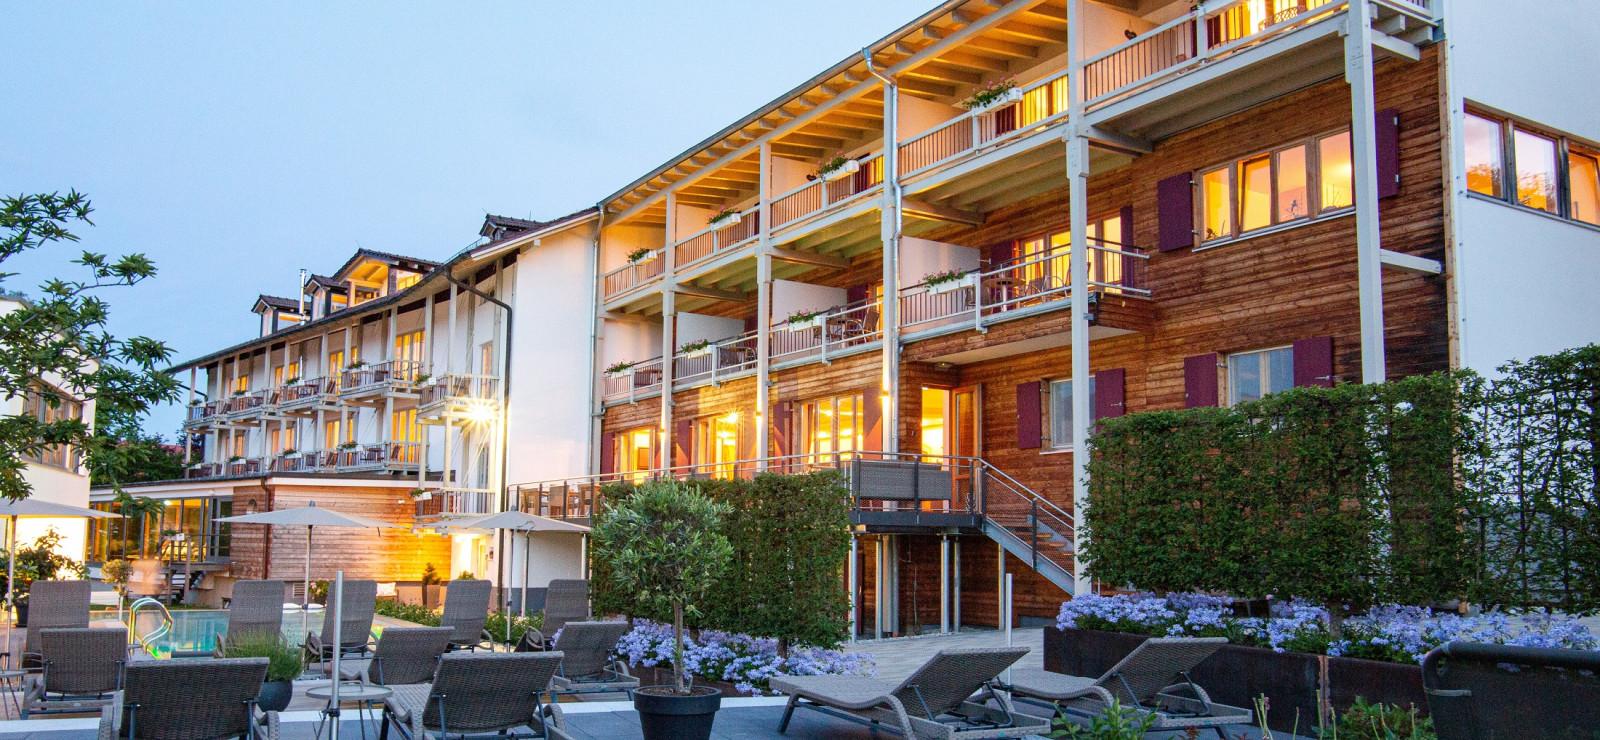 Hotel St. Florian Bilder | Bild 1